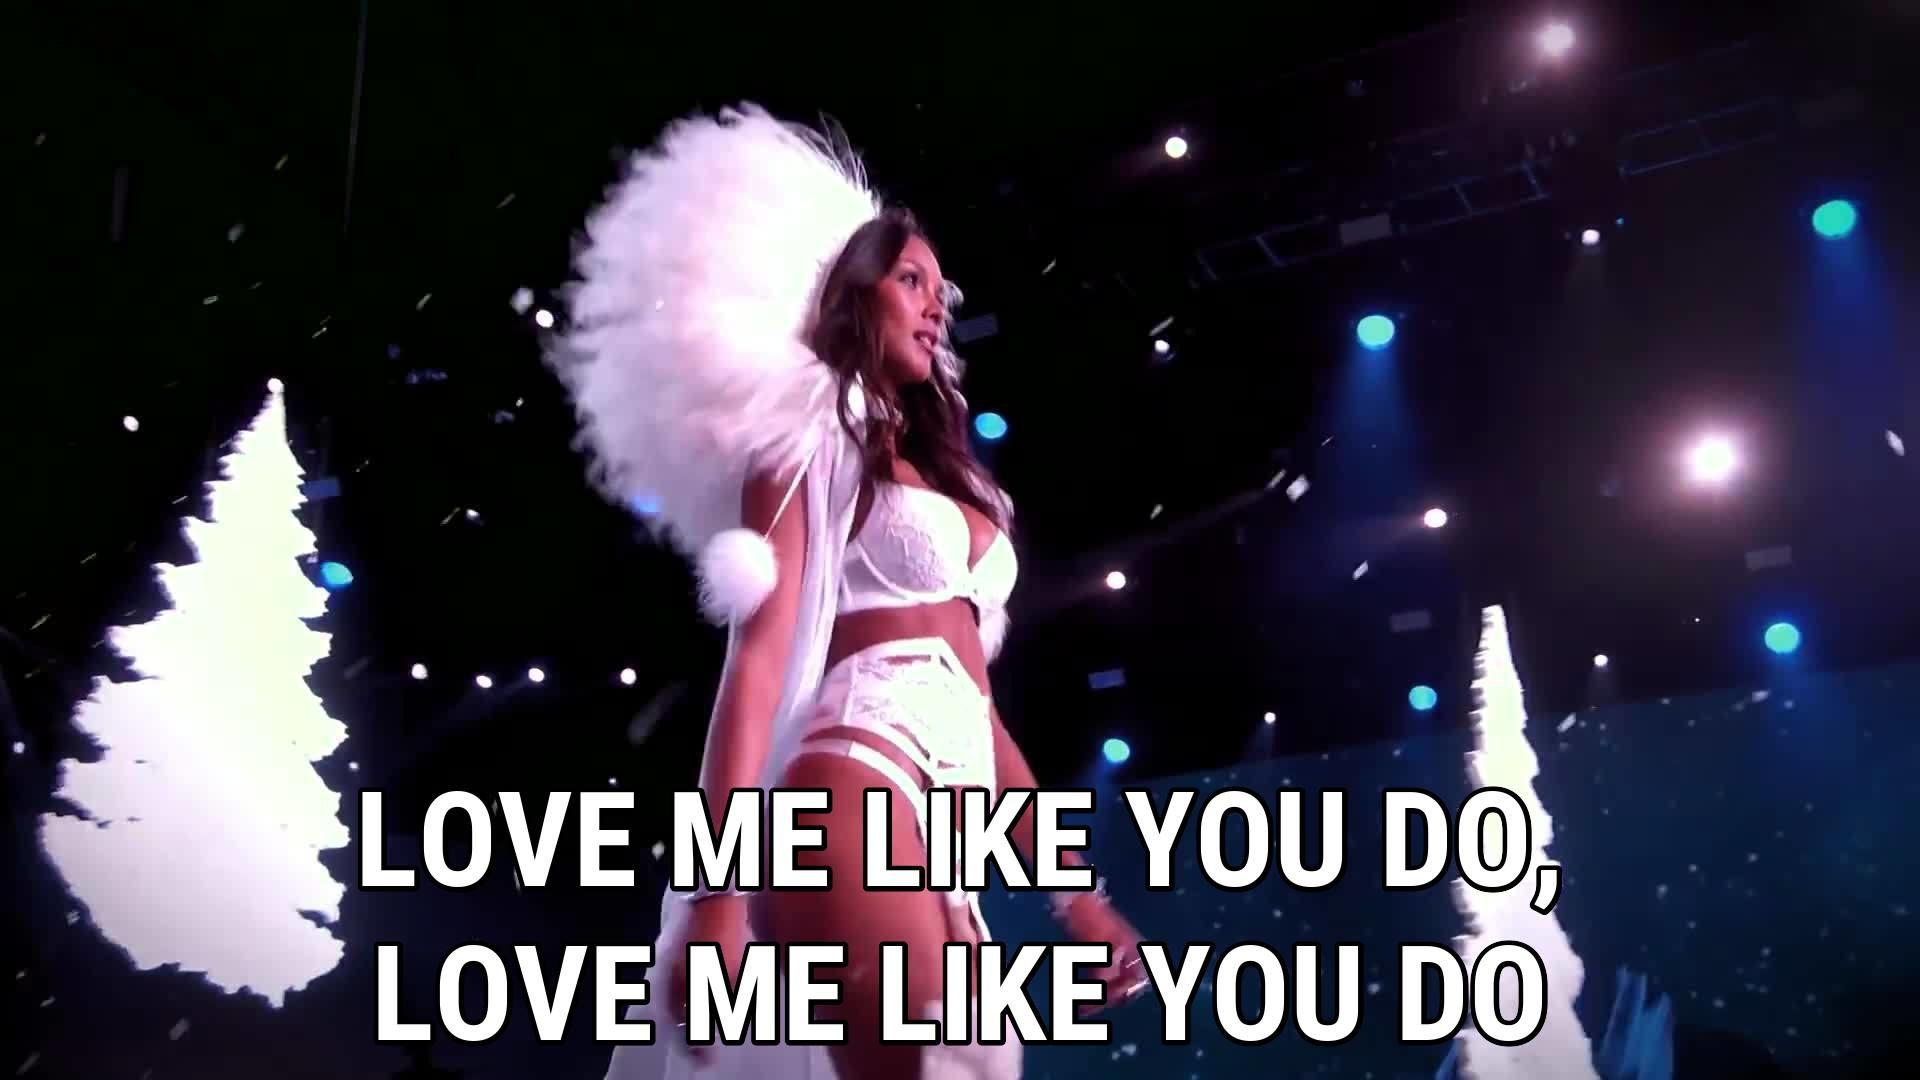 Love me like you do, love me like you do